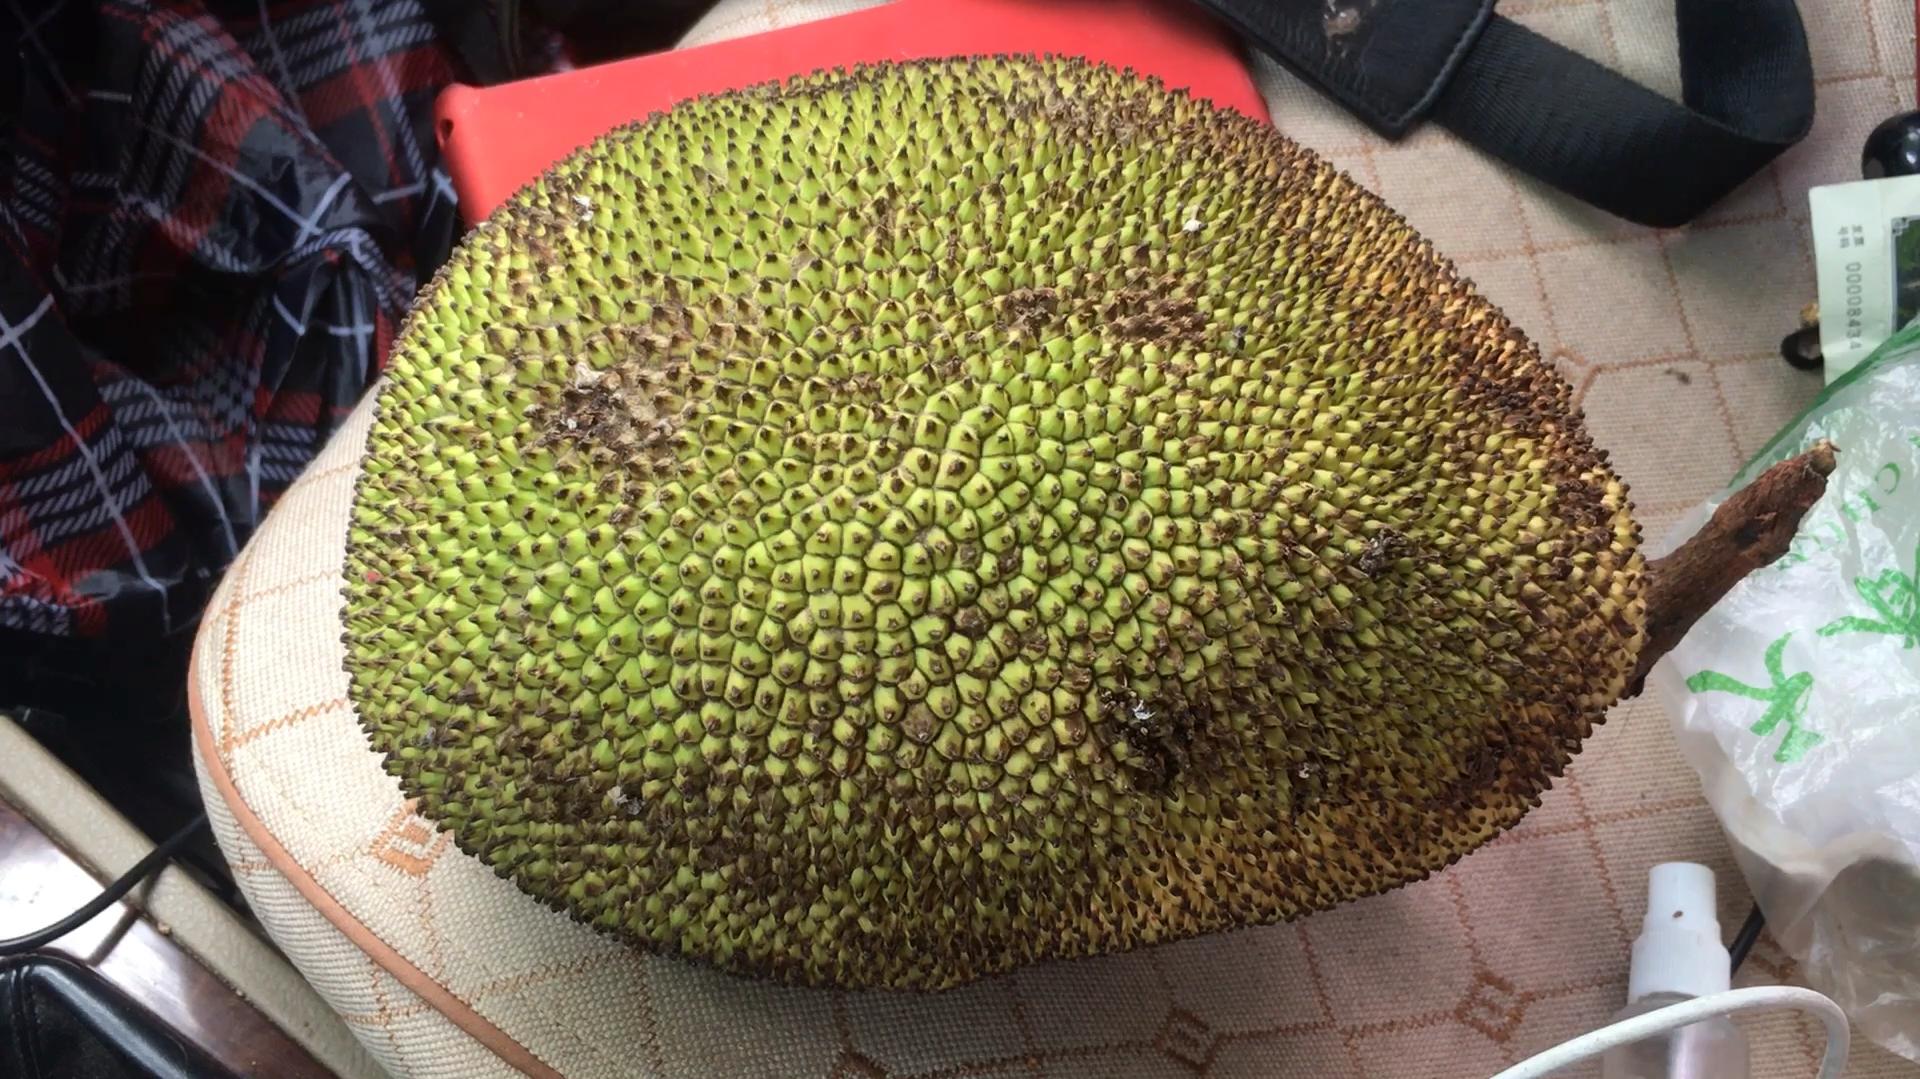 路边买个菠萝蜜,打开后是这个样子,是放坏了还是被骗了